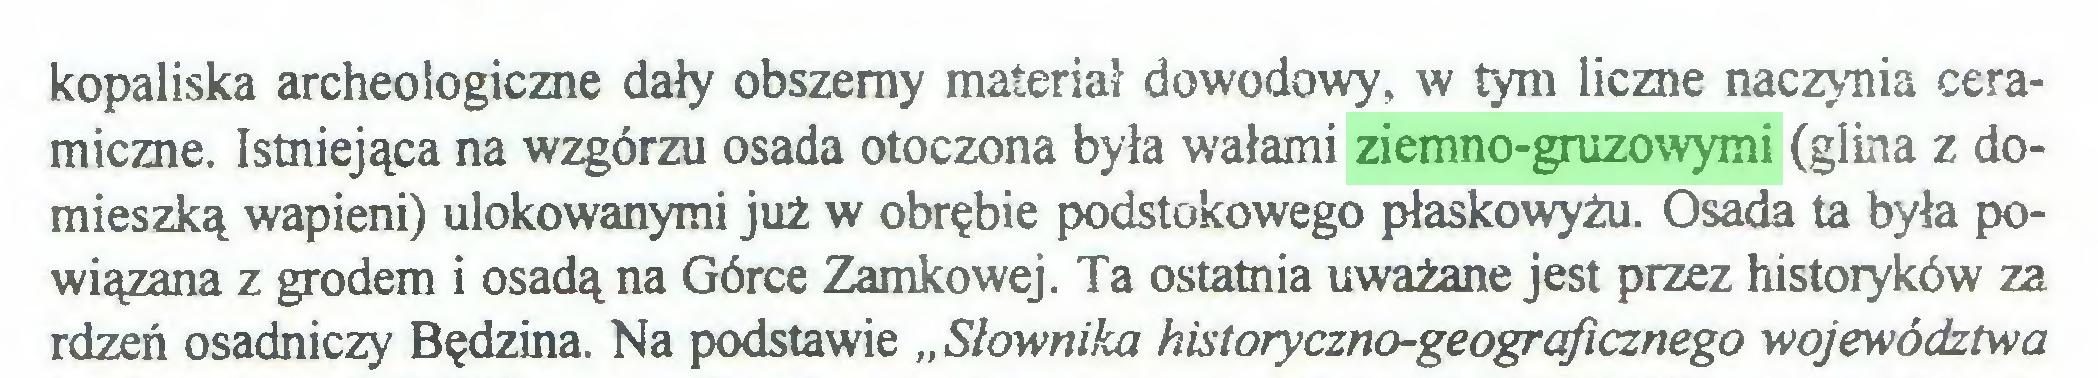 """(...) kopaliska archeologiczne dały obszerny materiał dowodowy, w tym liczne naczynia ceramiczne. Istniejąca na wzgórzu osada otoczona była wałami ziemno-gruzowymi (glina z domieszką wapieni) ulokowanymi już w obrębie podstokowego płaskowyżu. Osada ta była powiązana z grodem i osadą na Górce Zamkowej. Ta ostatnia uważane jest przez histoiyków za rdzeń osadniczy Będzina. Na podstawie """"Słownika historyczno-geogrąficznego województwa..."""